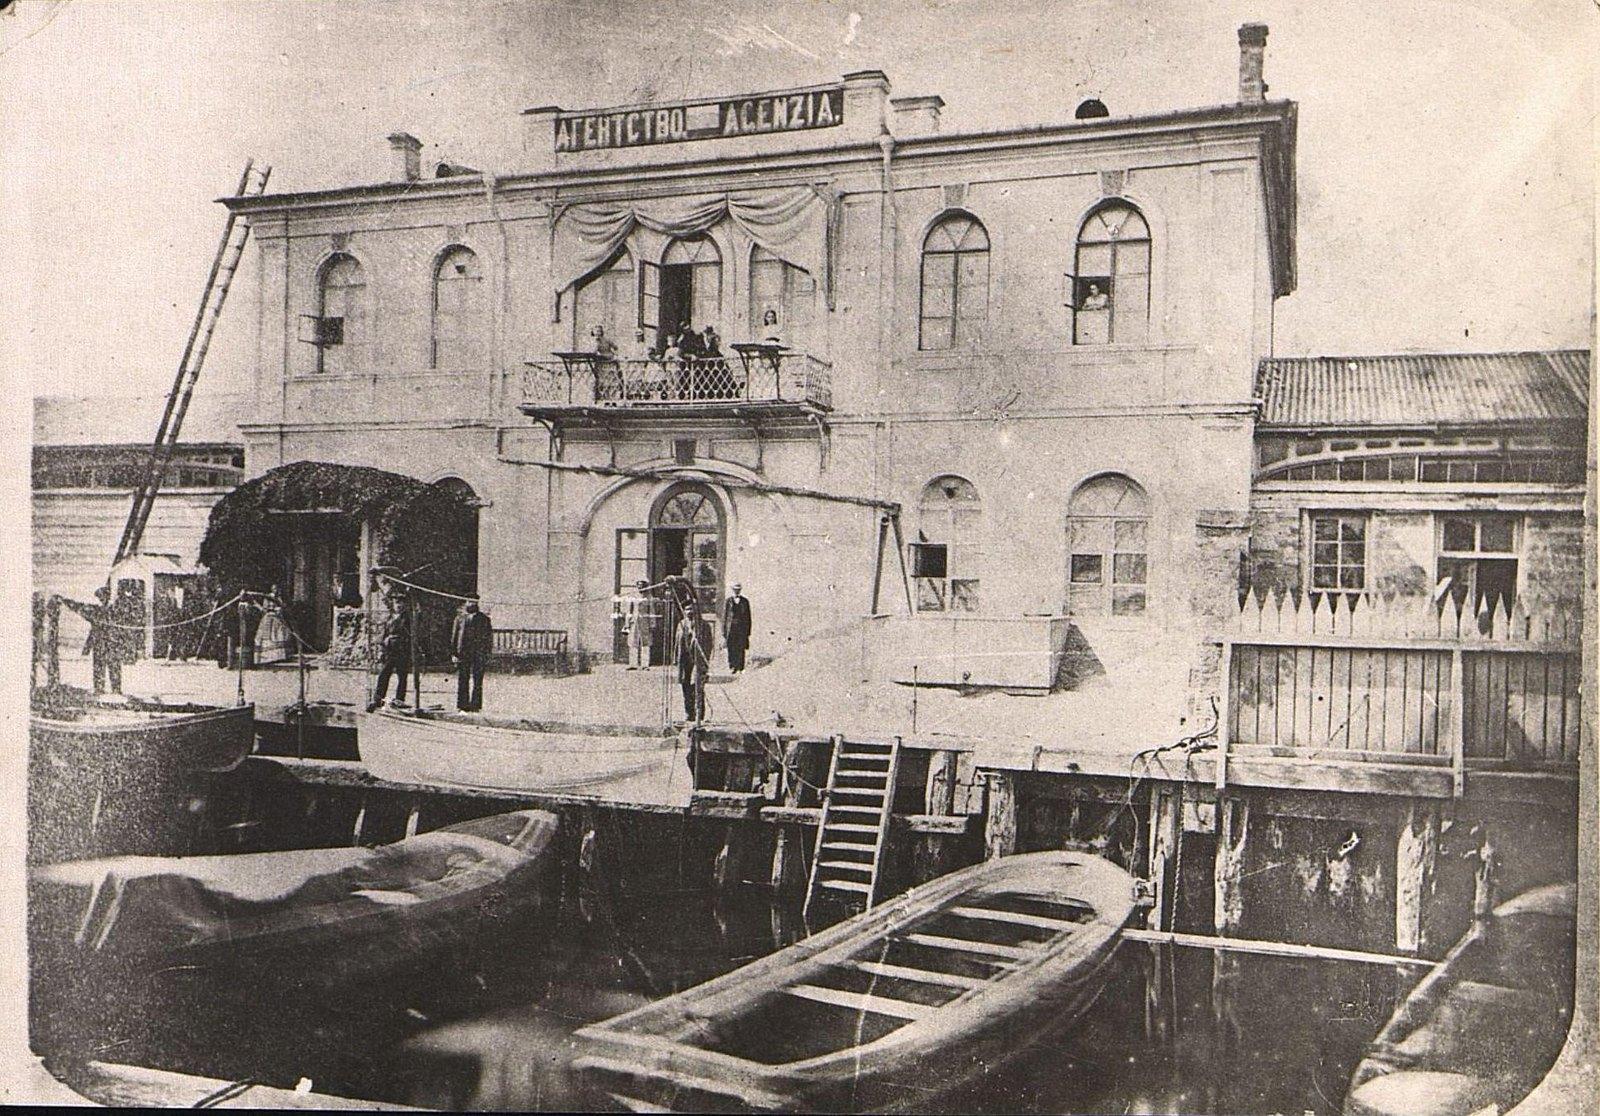 09. Члены семьи Шмидт на балконе здания Агентства добровольного флота. 1870-е гг.